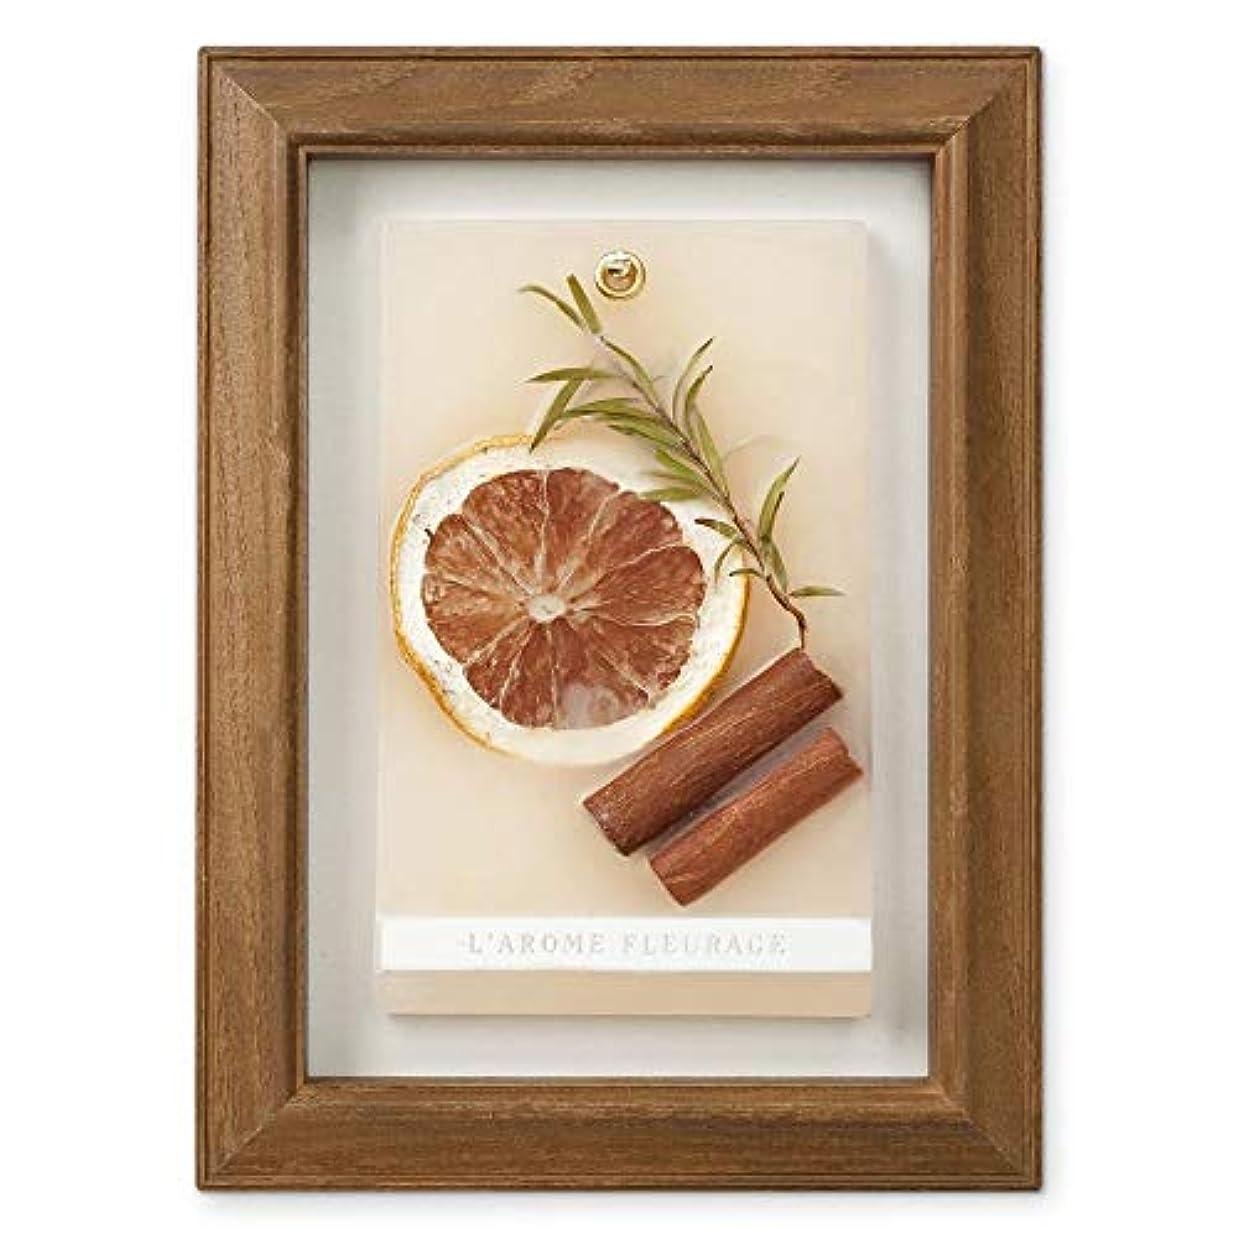 財政息切れ傾斜FLEURAGE(フルラージュ) アロマワックスサシェ スイートオレンジの香り Orange×AntiqueBrown KH-61121